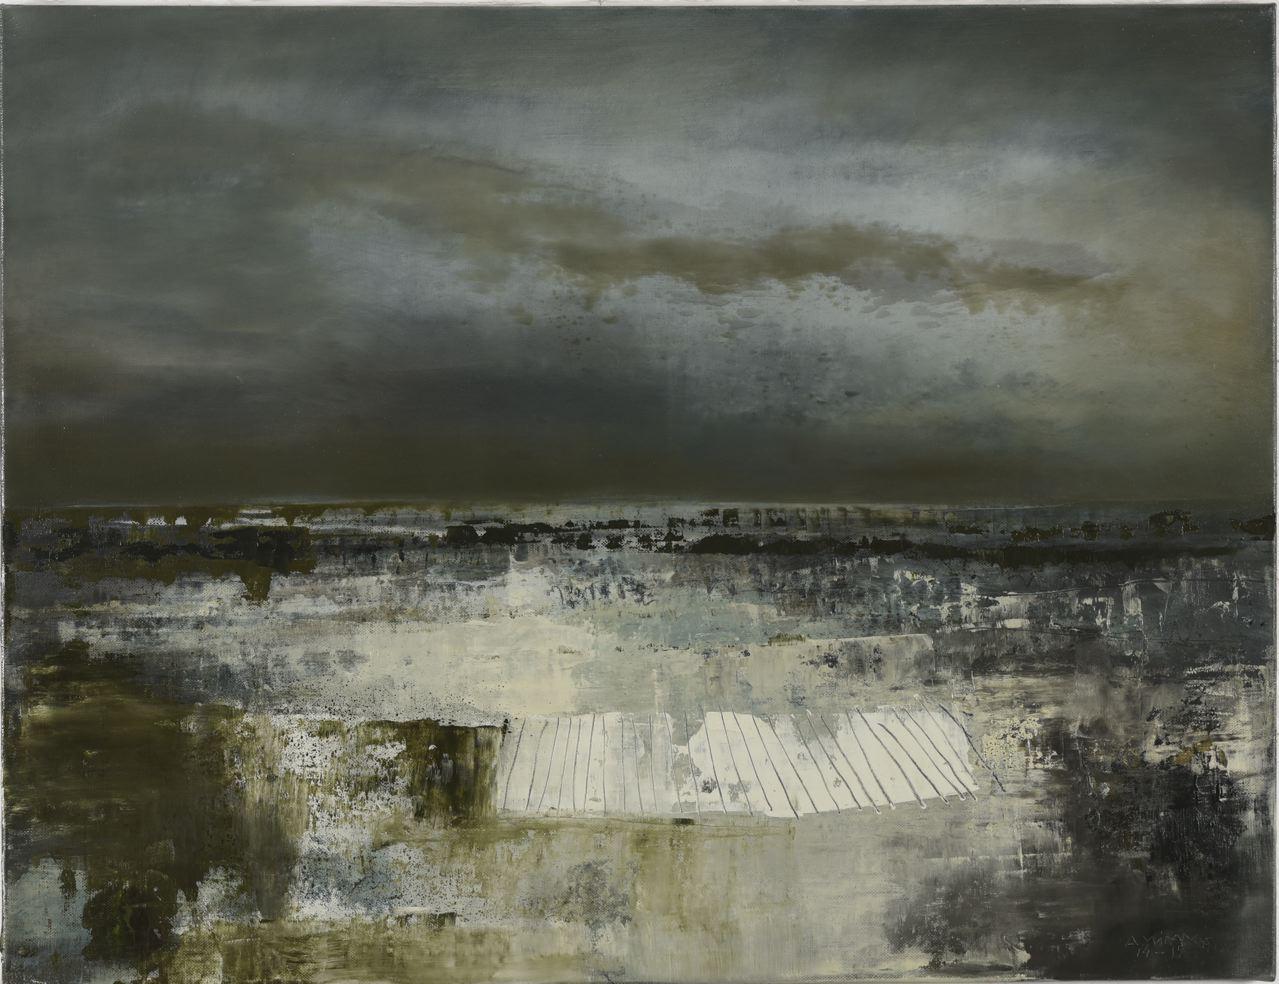 Entre-ciel-et-mer-2015-huile-s-toile-100x130cm